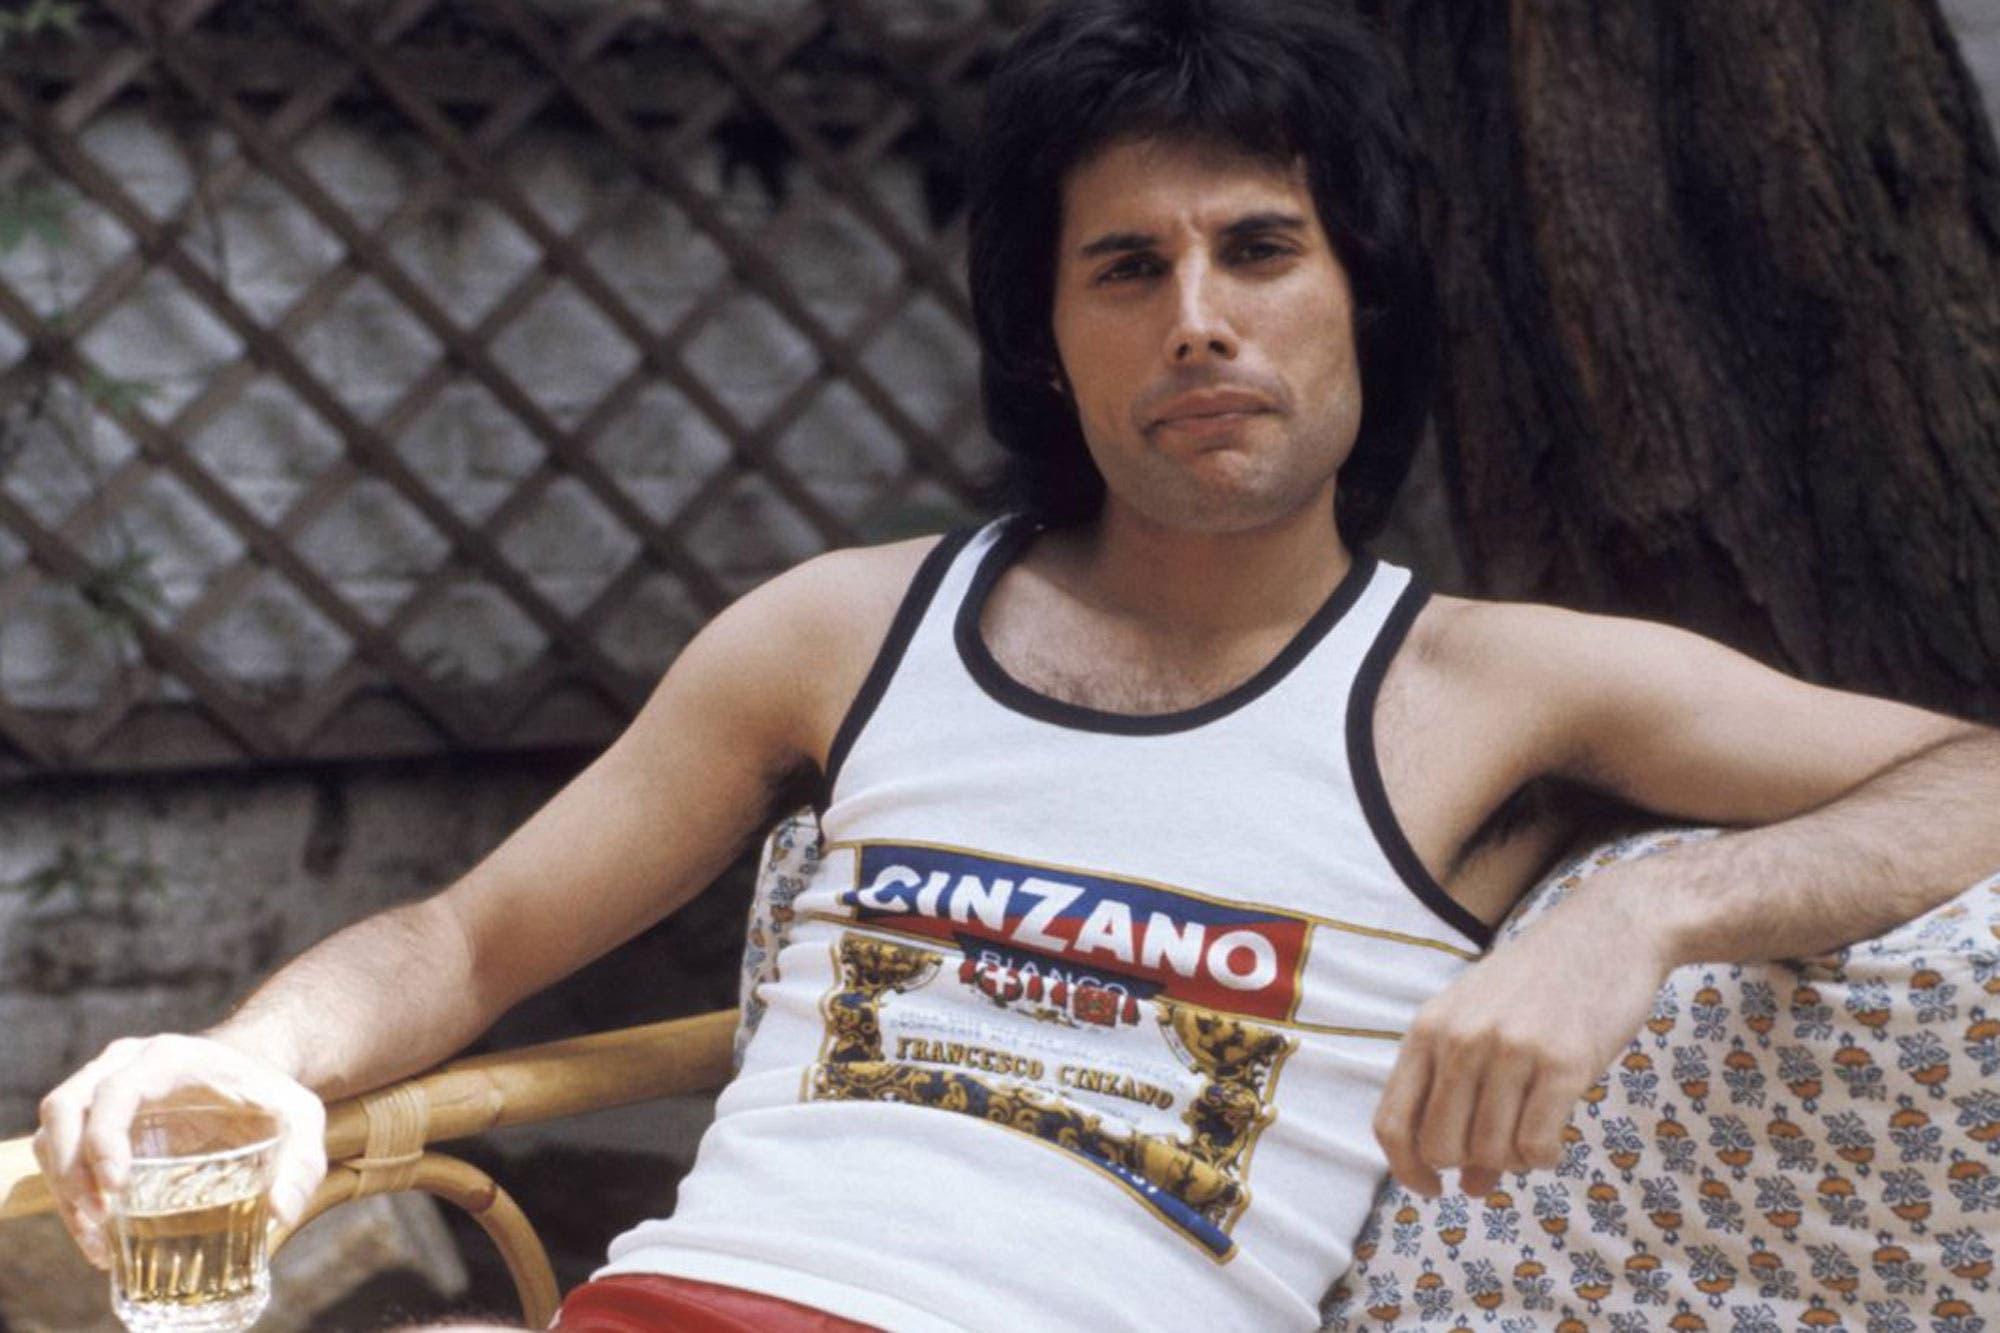 Cómo era la verdadera personalidad de Freddie Mercury: habló el tecladista histórico de Queen